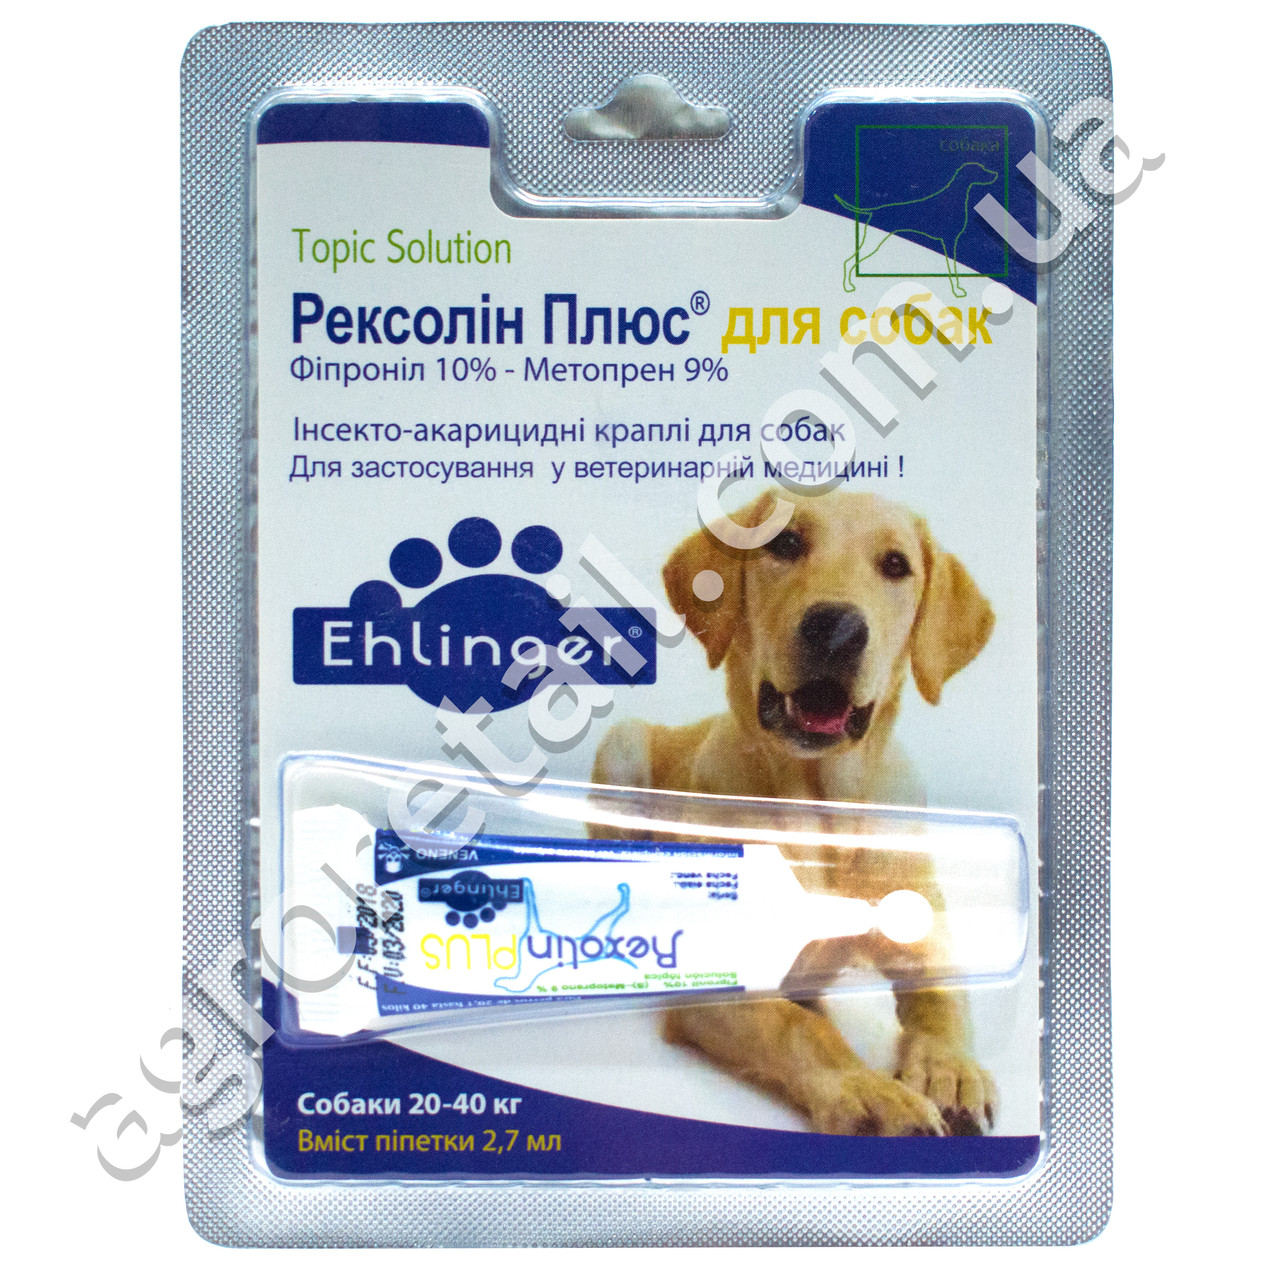 Рексолин плюс капли для собак от 20 до 40 кг 1 пипетка